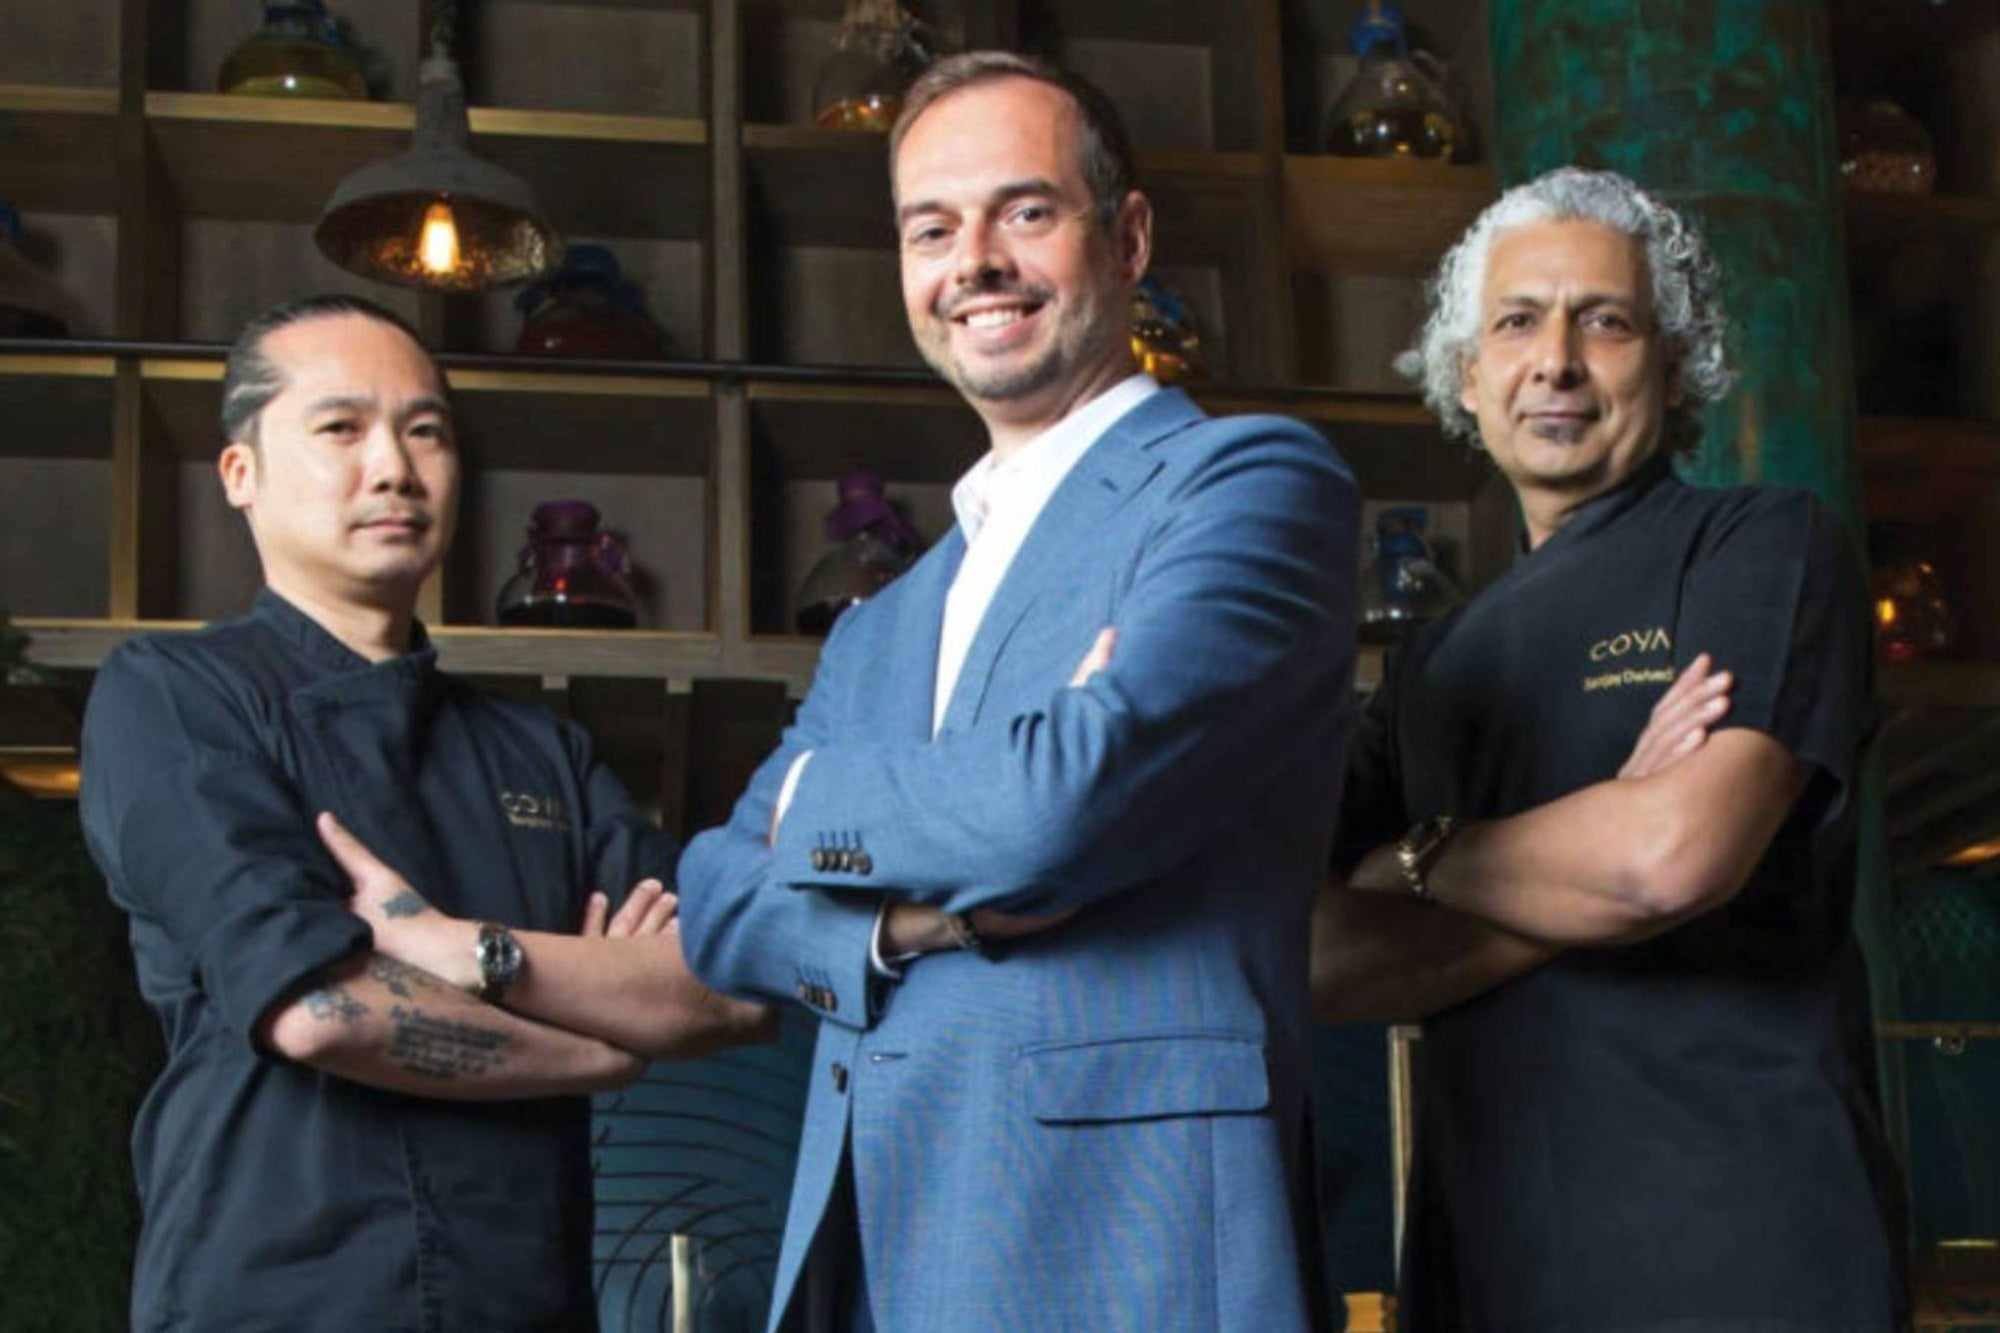 coya experience entrepreneur multifaceted